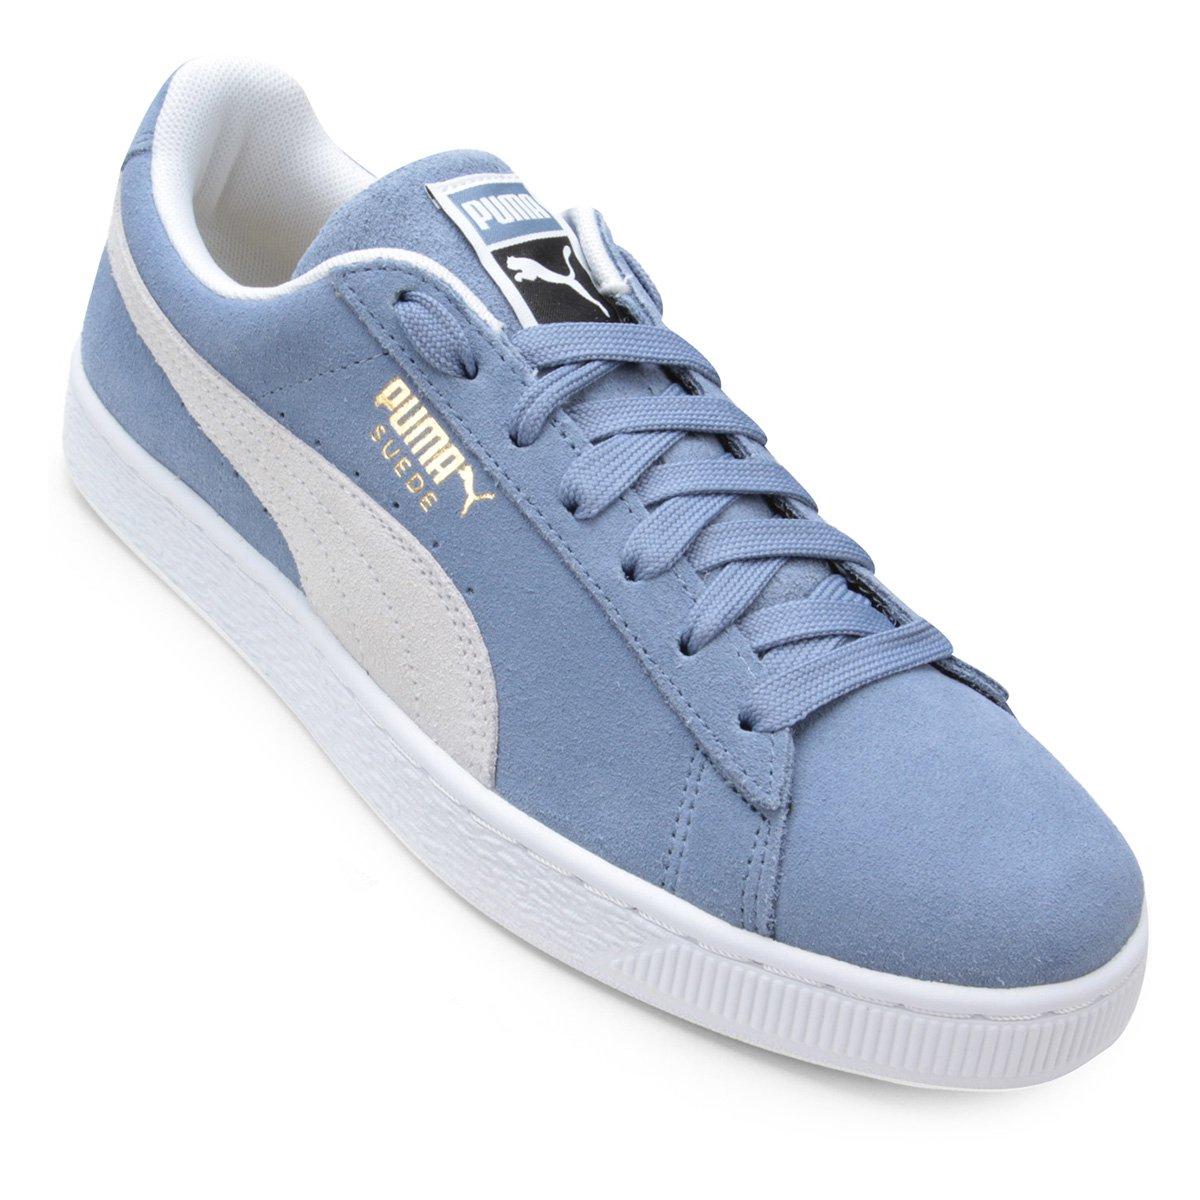 Tênis Puma Suede Classic - Compre Agora  d10dcc00dd0ba